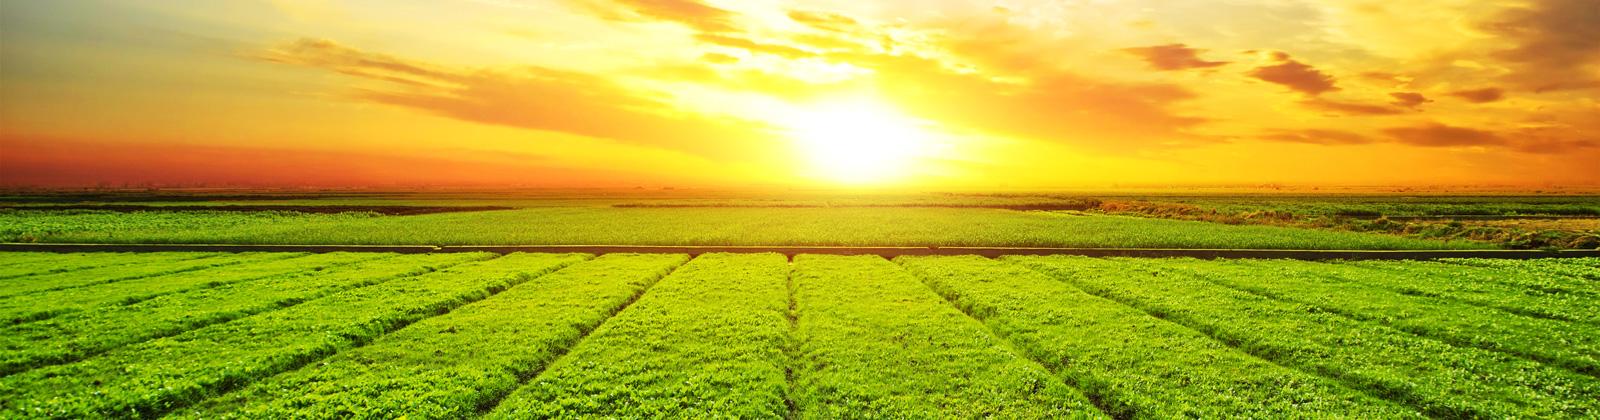 Beneficios del azufre - Productos AJF